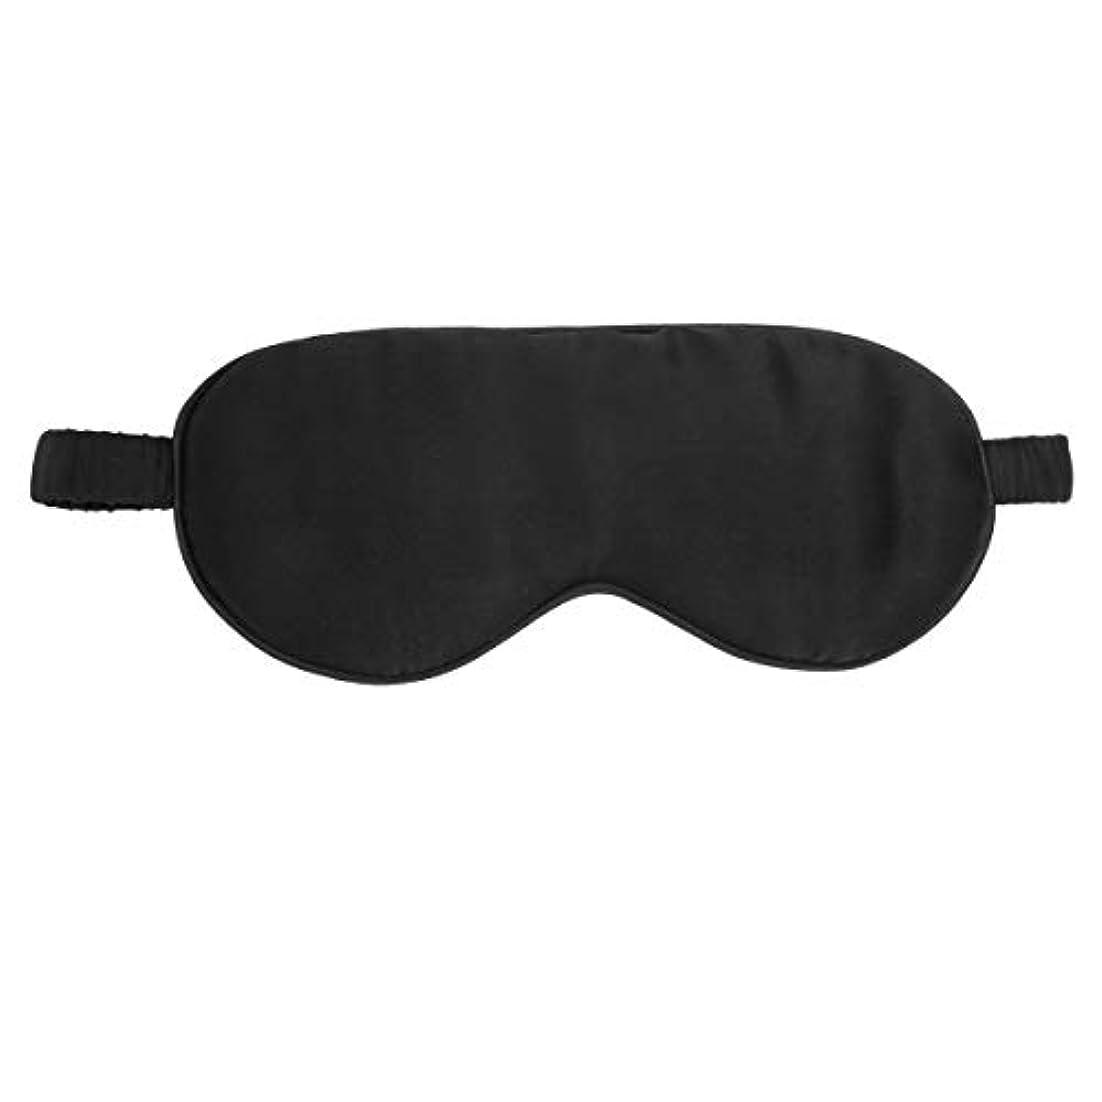 ドライバマングルトロリーバスSUPVOX アイマスク 安眠アイマスク 睡眠 遮光 マスク シルク 圧迫感なし 目に優しい 軽量 旅行 飛行機 疲労回復 男女兼用